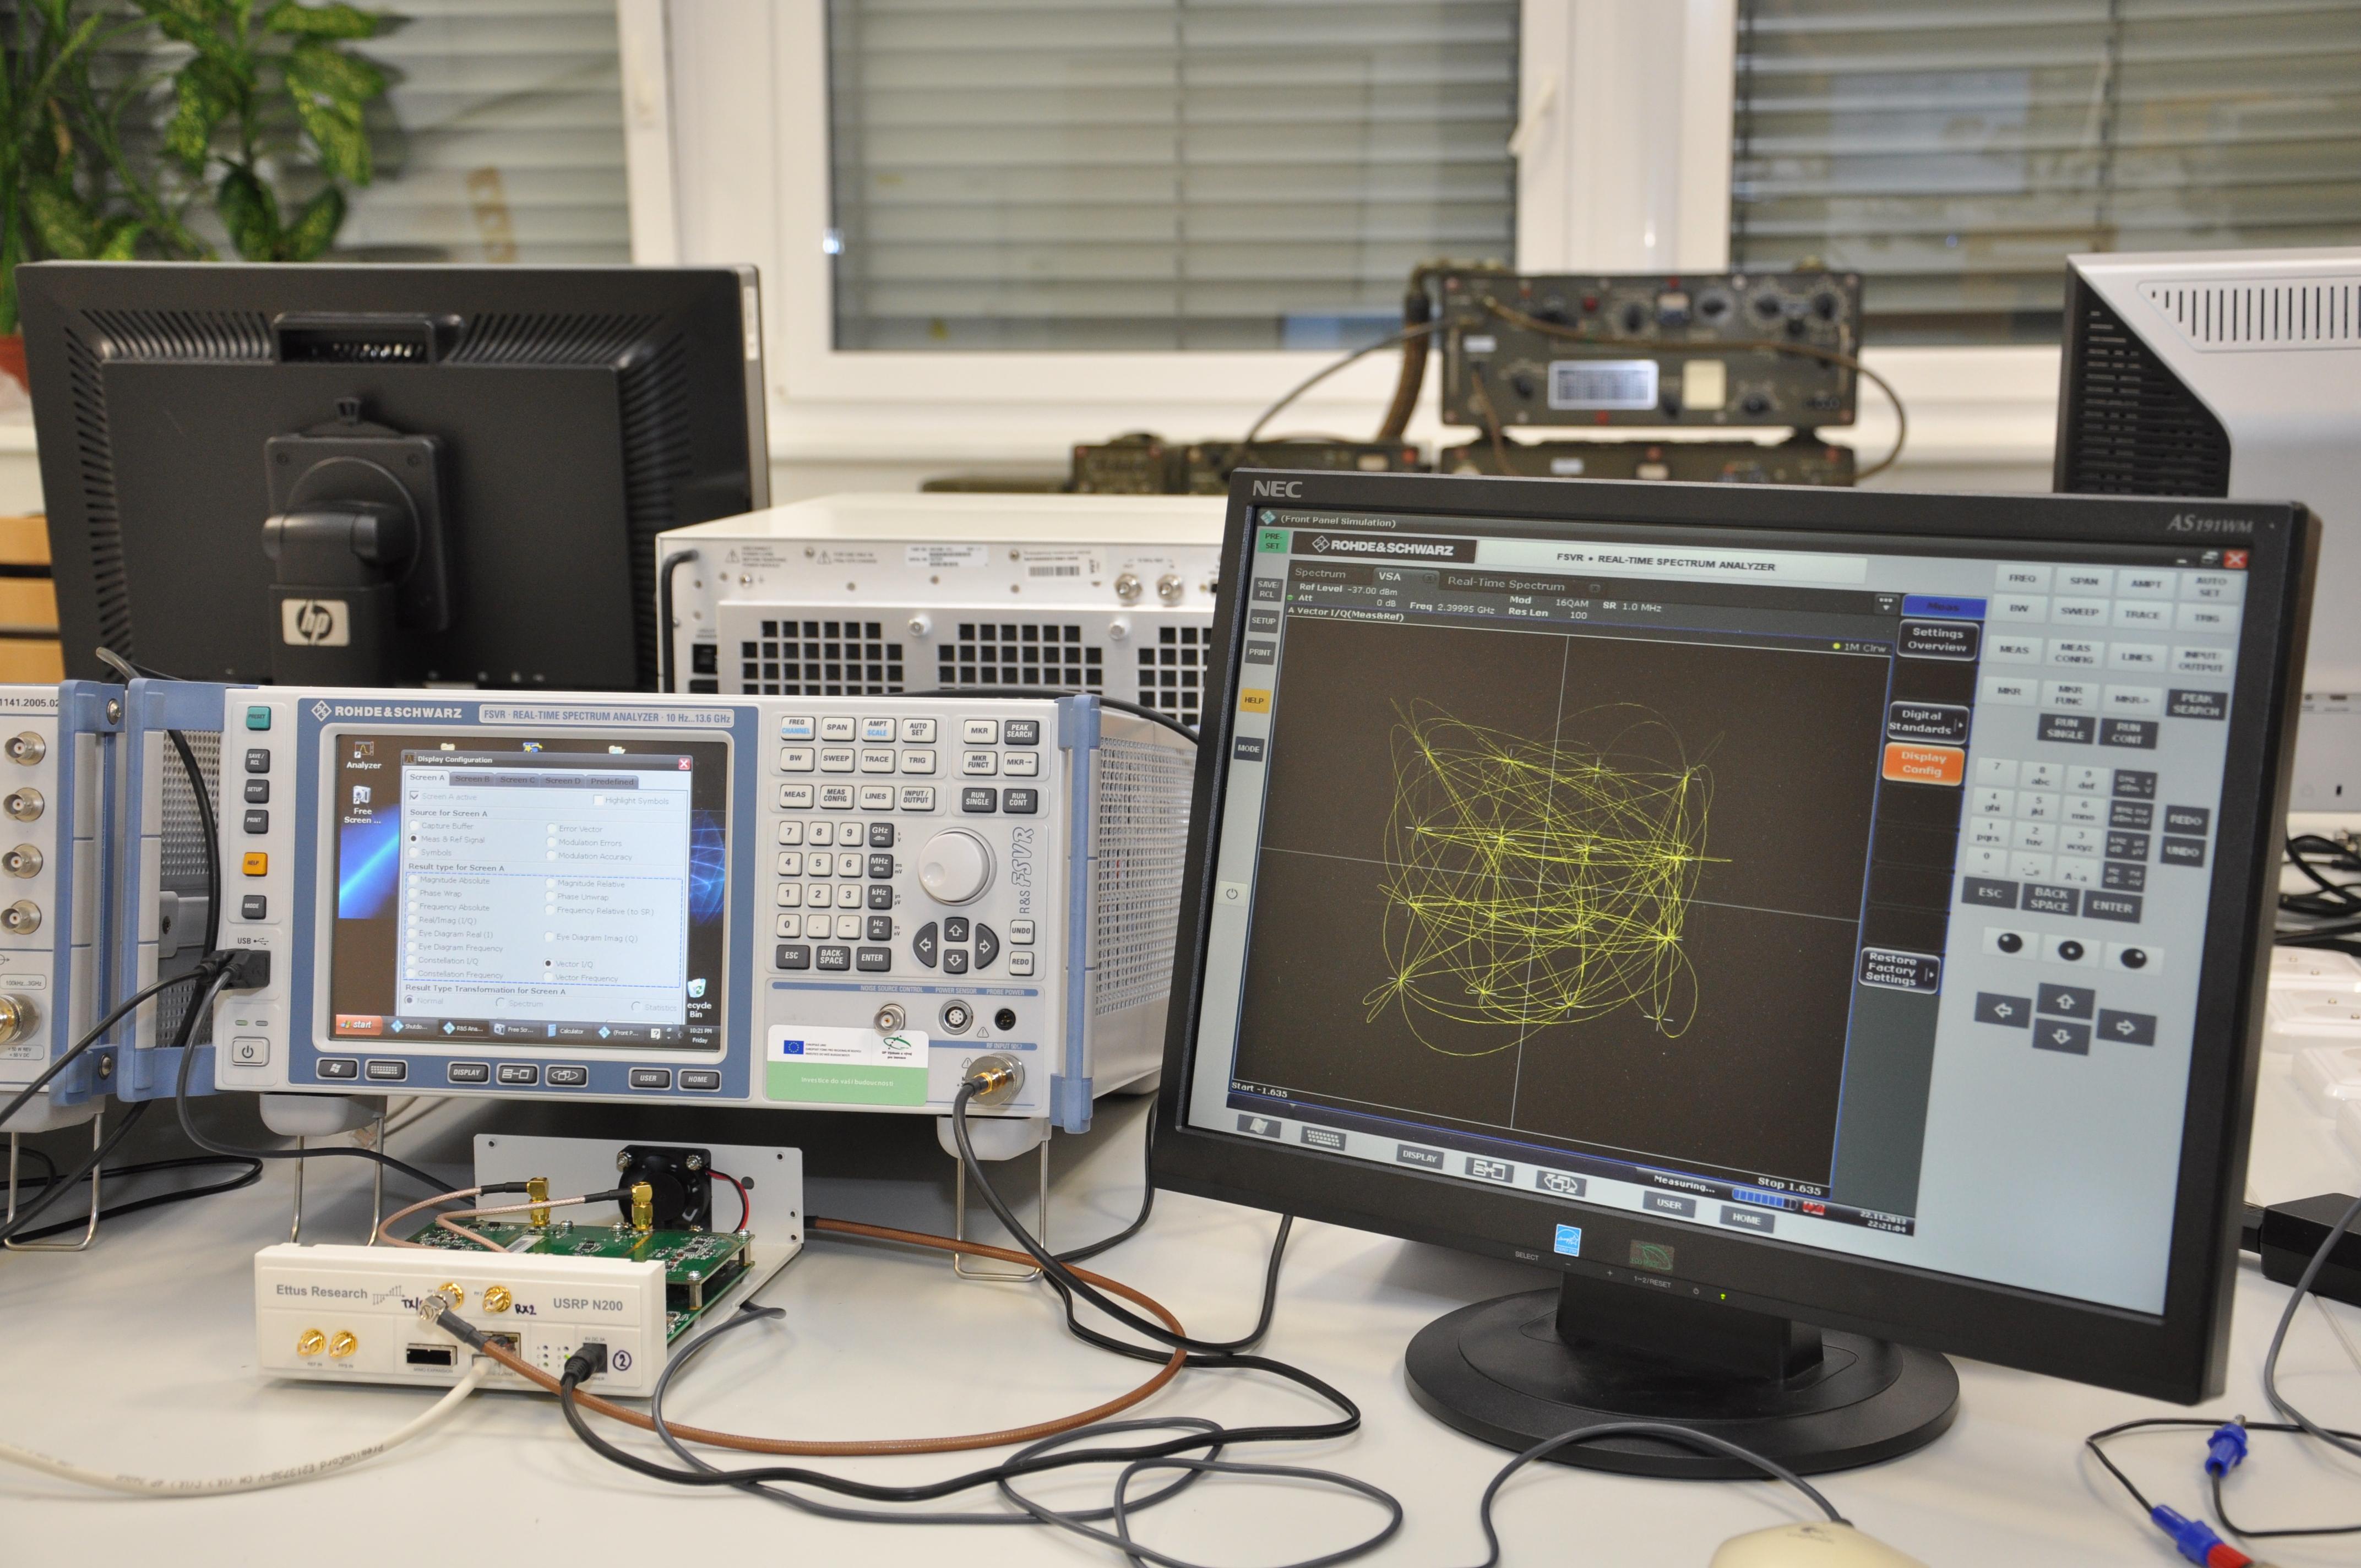 Výzkumná skupina koexistence bezdrátových služeb - Digitální komunikační systémy